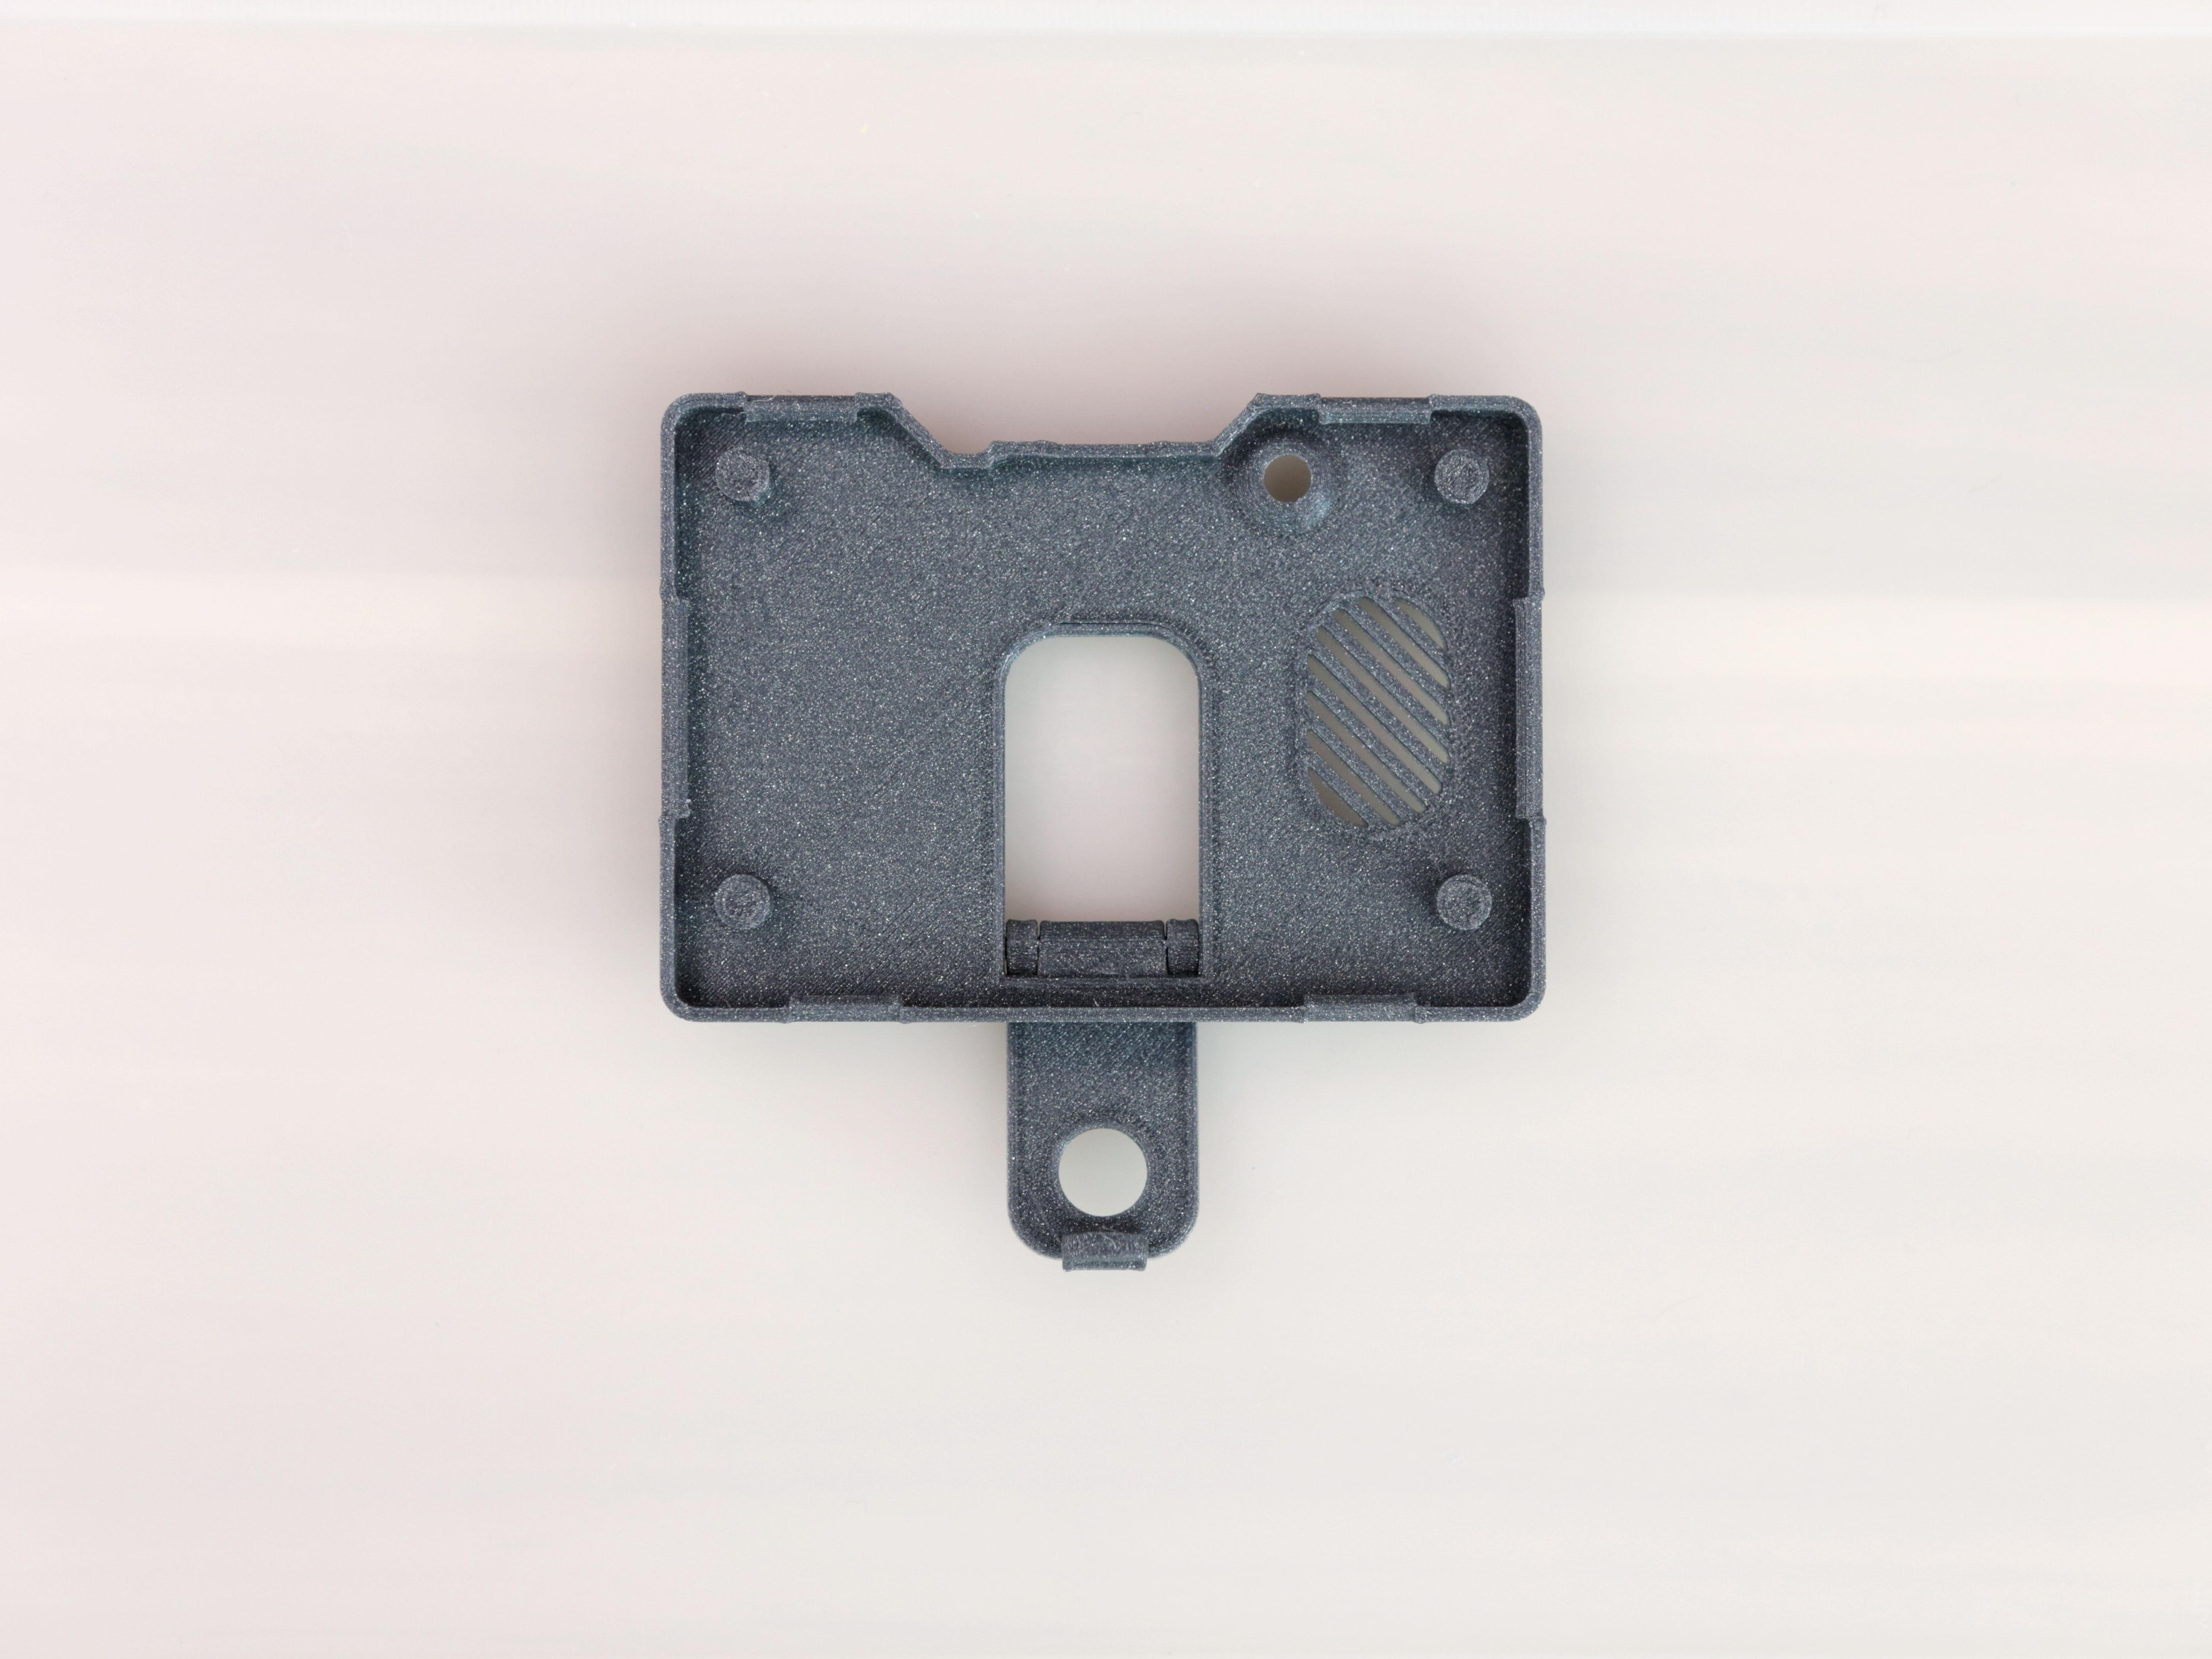 3d_printing_bottom-hinge-inside.jpg